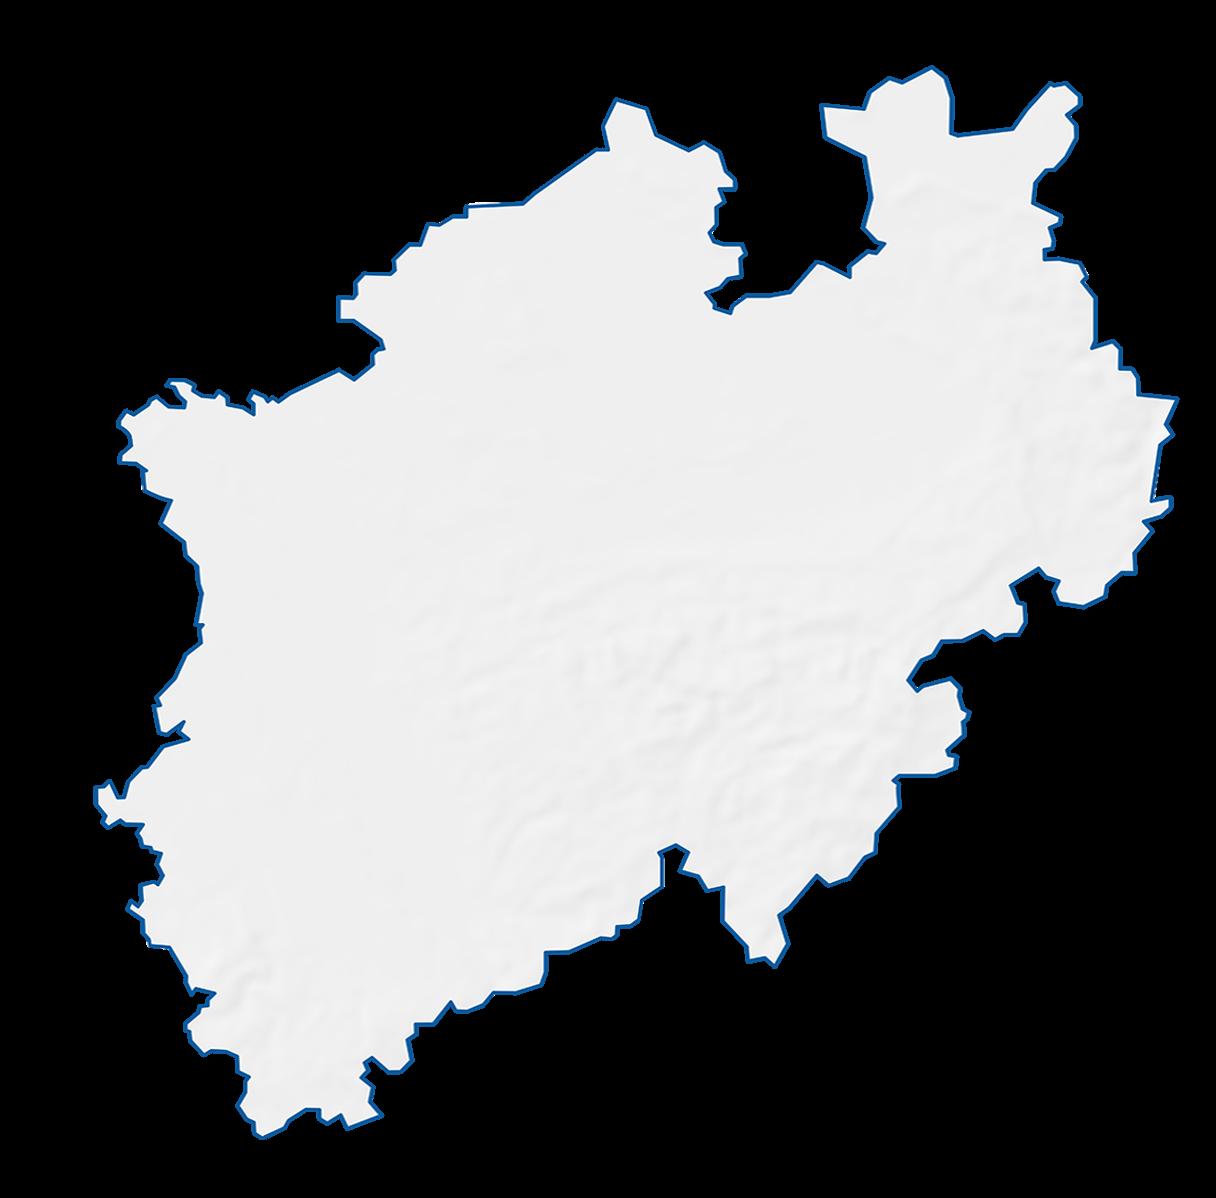 Karte Von Nrw.Das Aktuelle Stunde Stadt Spiel